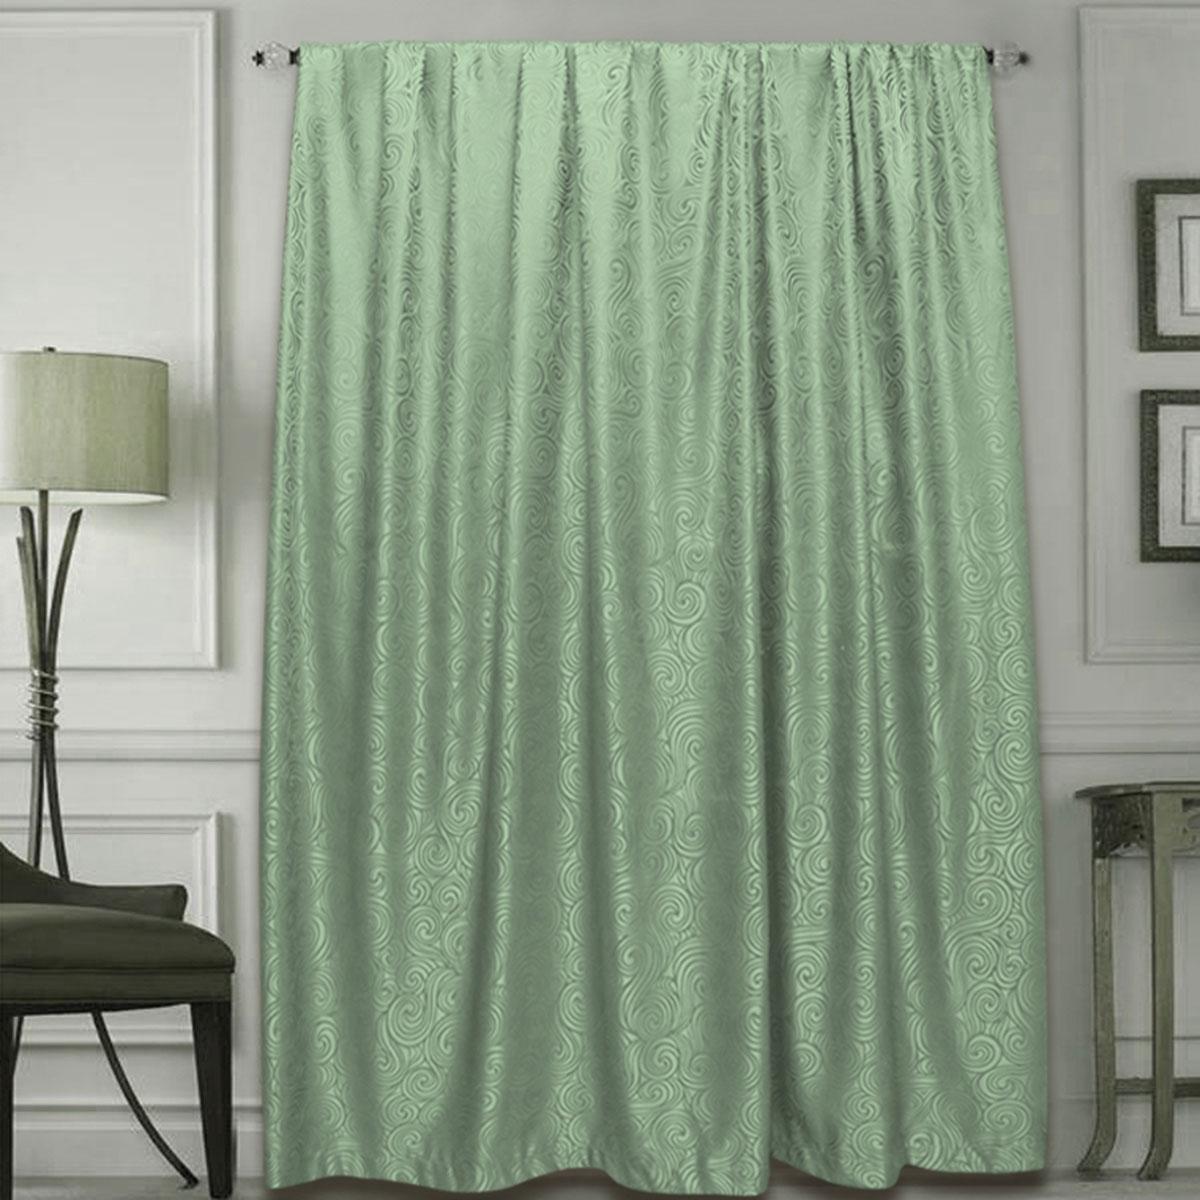 Штора Amore Mio, на ленте, цвет: зеленый, высота 270 см77633Готовая штора Amore Mio - это роскошная портьера для яркого и стильного оформления окон и создания особенной уютной атмосферы. Она великолепно смотрится как одна, так и в паре, в комбинации с нежной тюлевой занавеской, собранная на подхваты и свободно ниспадающая естественными складками.Такая штора, изготовленная полностью из прочного и очень практичного полиэстера, долговечна и не боится стирок, не сминается, не теряет своего блеска и яркости красок.